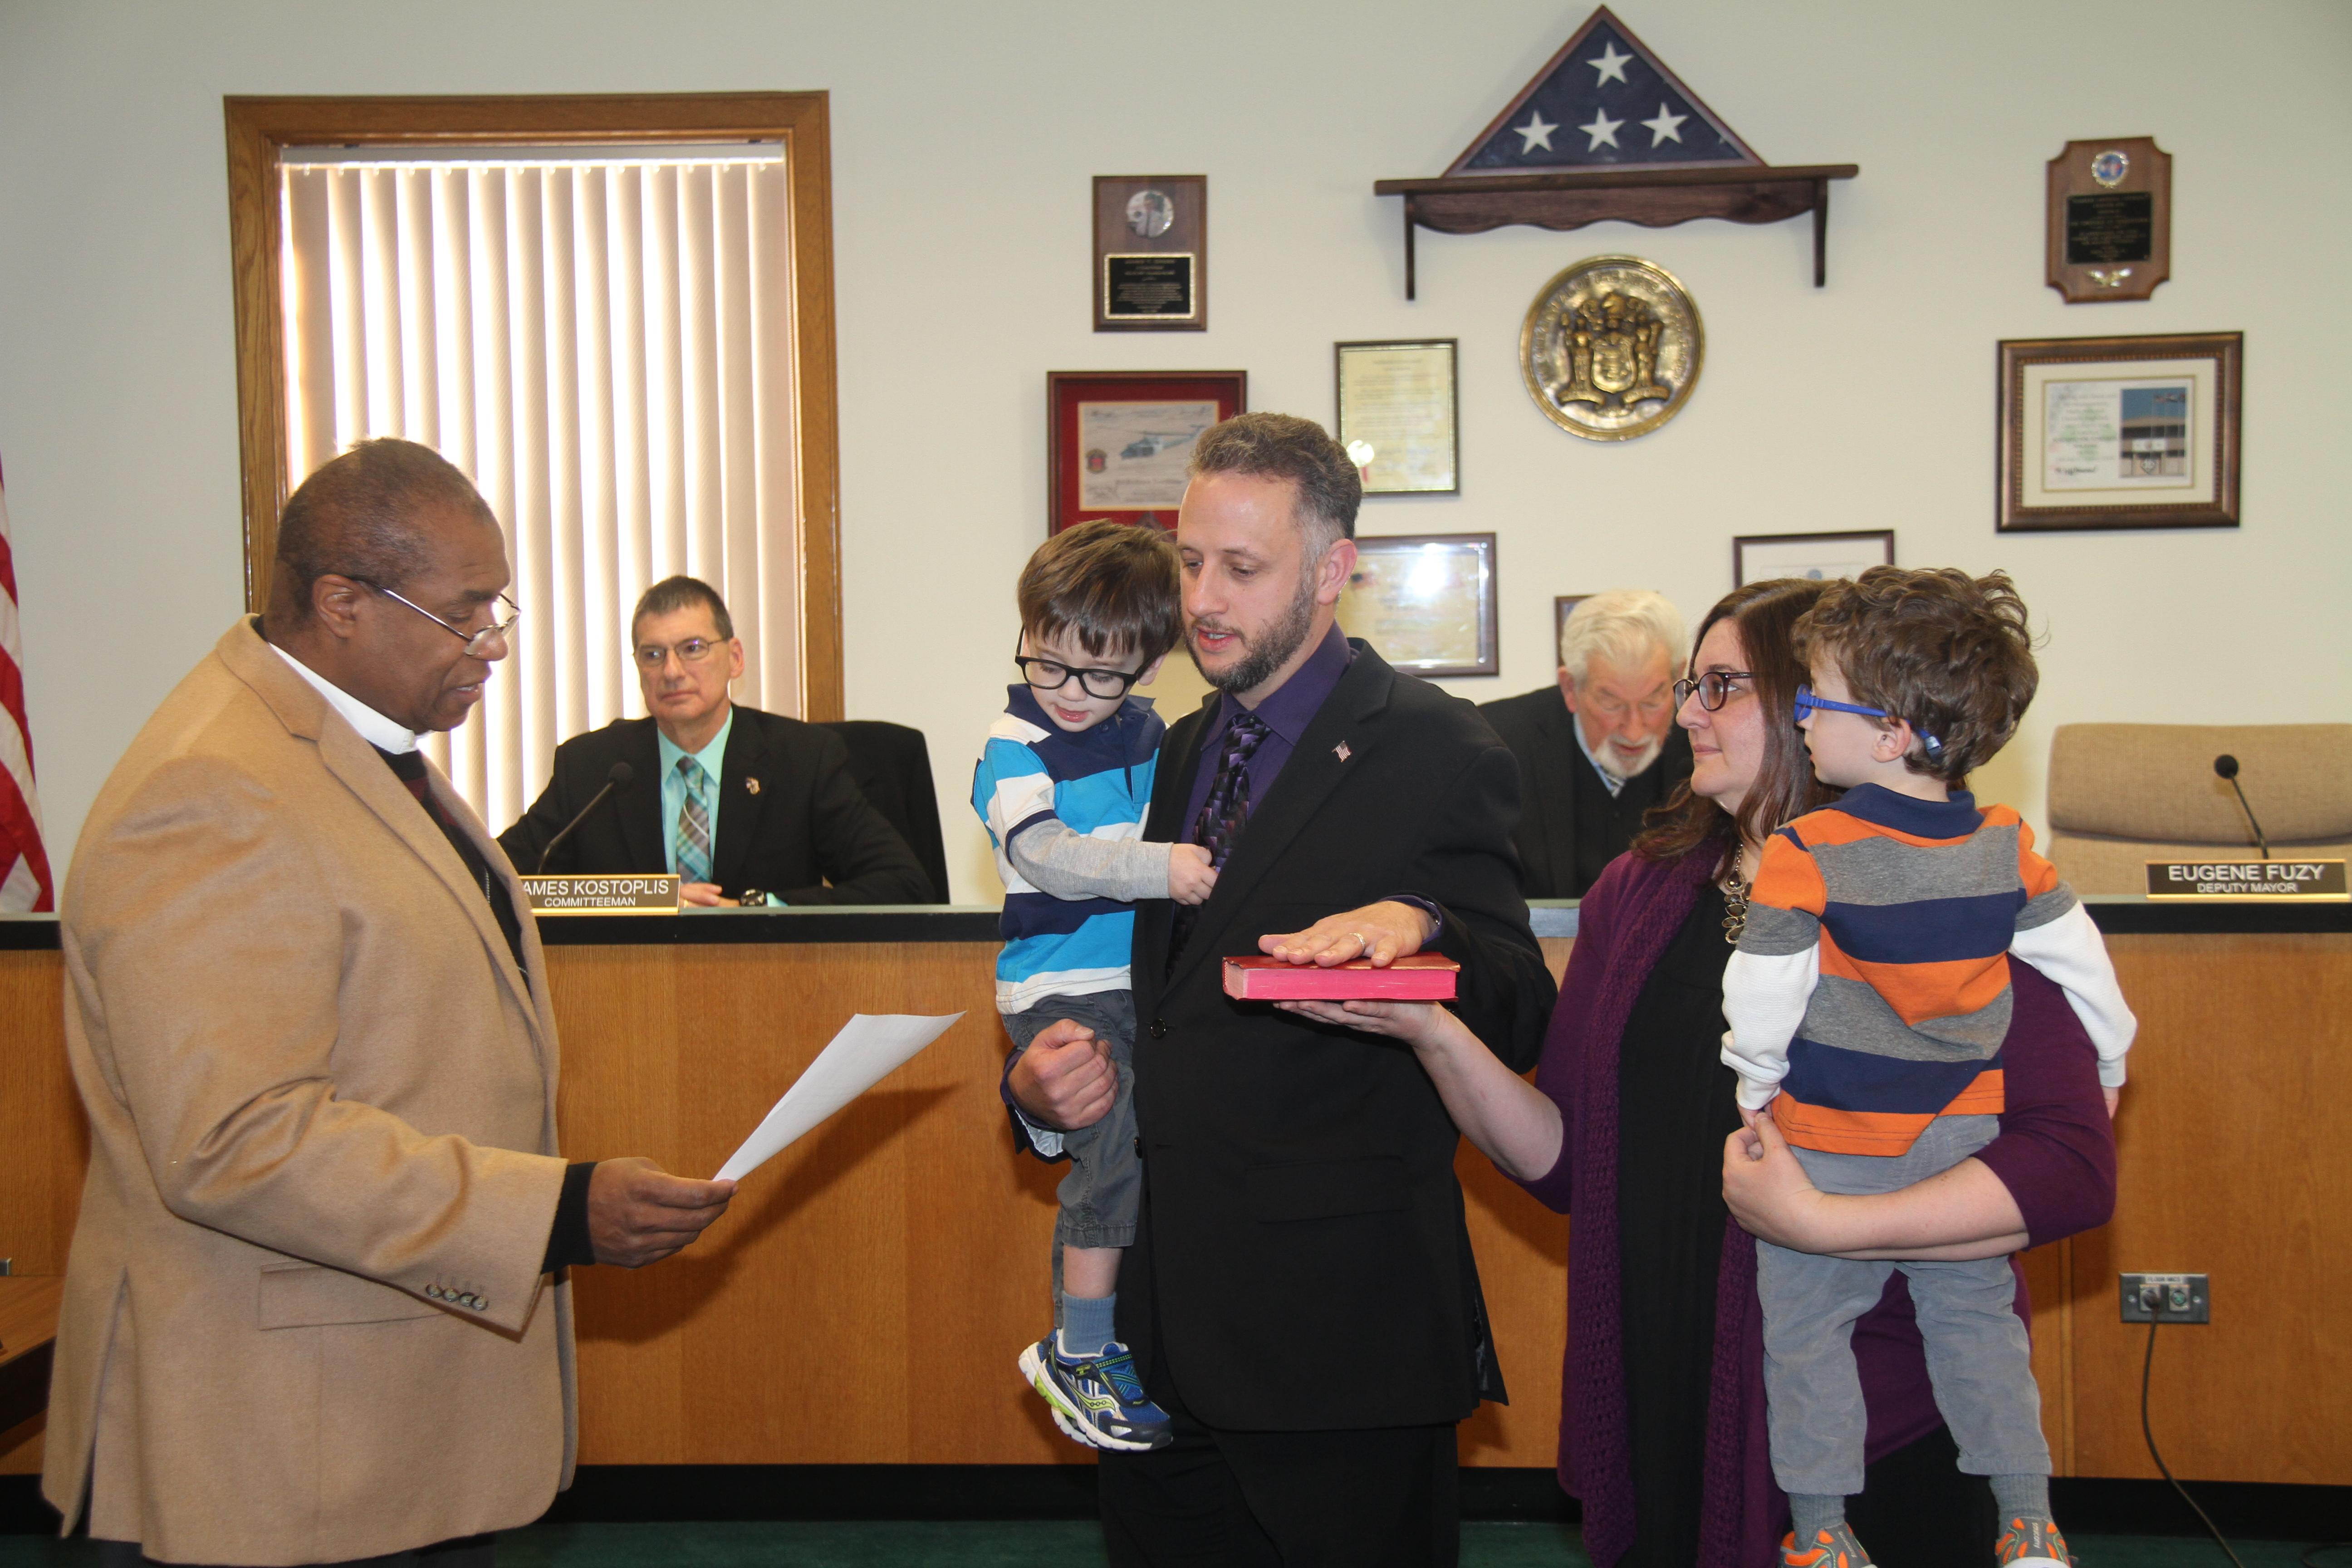 Assemblyman_Herb_Conaway_swearing_in_Deputy_Mayor_Eugene_Fuzy.JPG